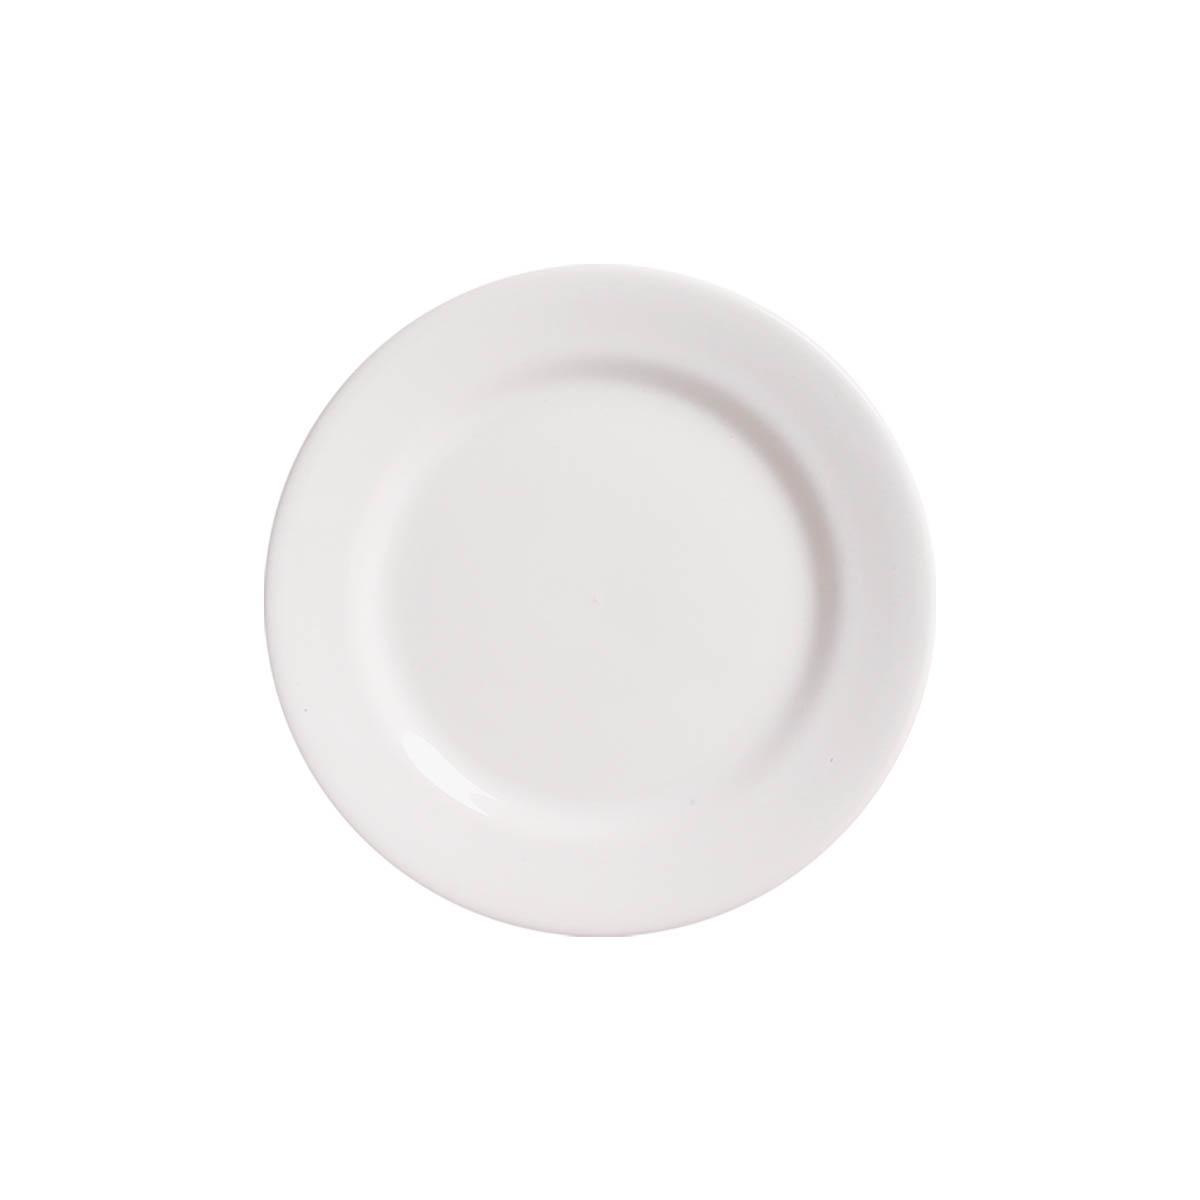 Prato Sobremesa Requinte Lisa Branco Clássico